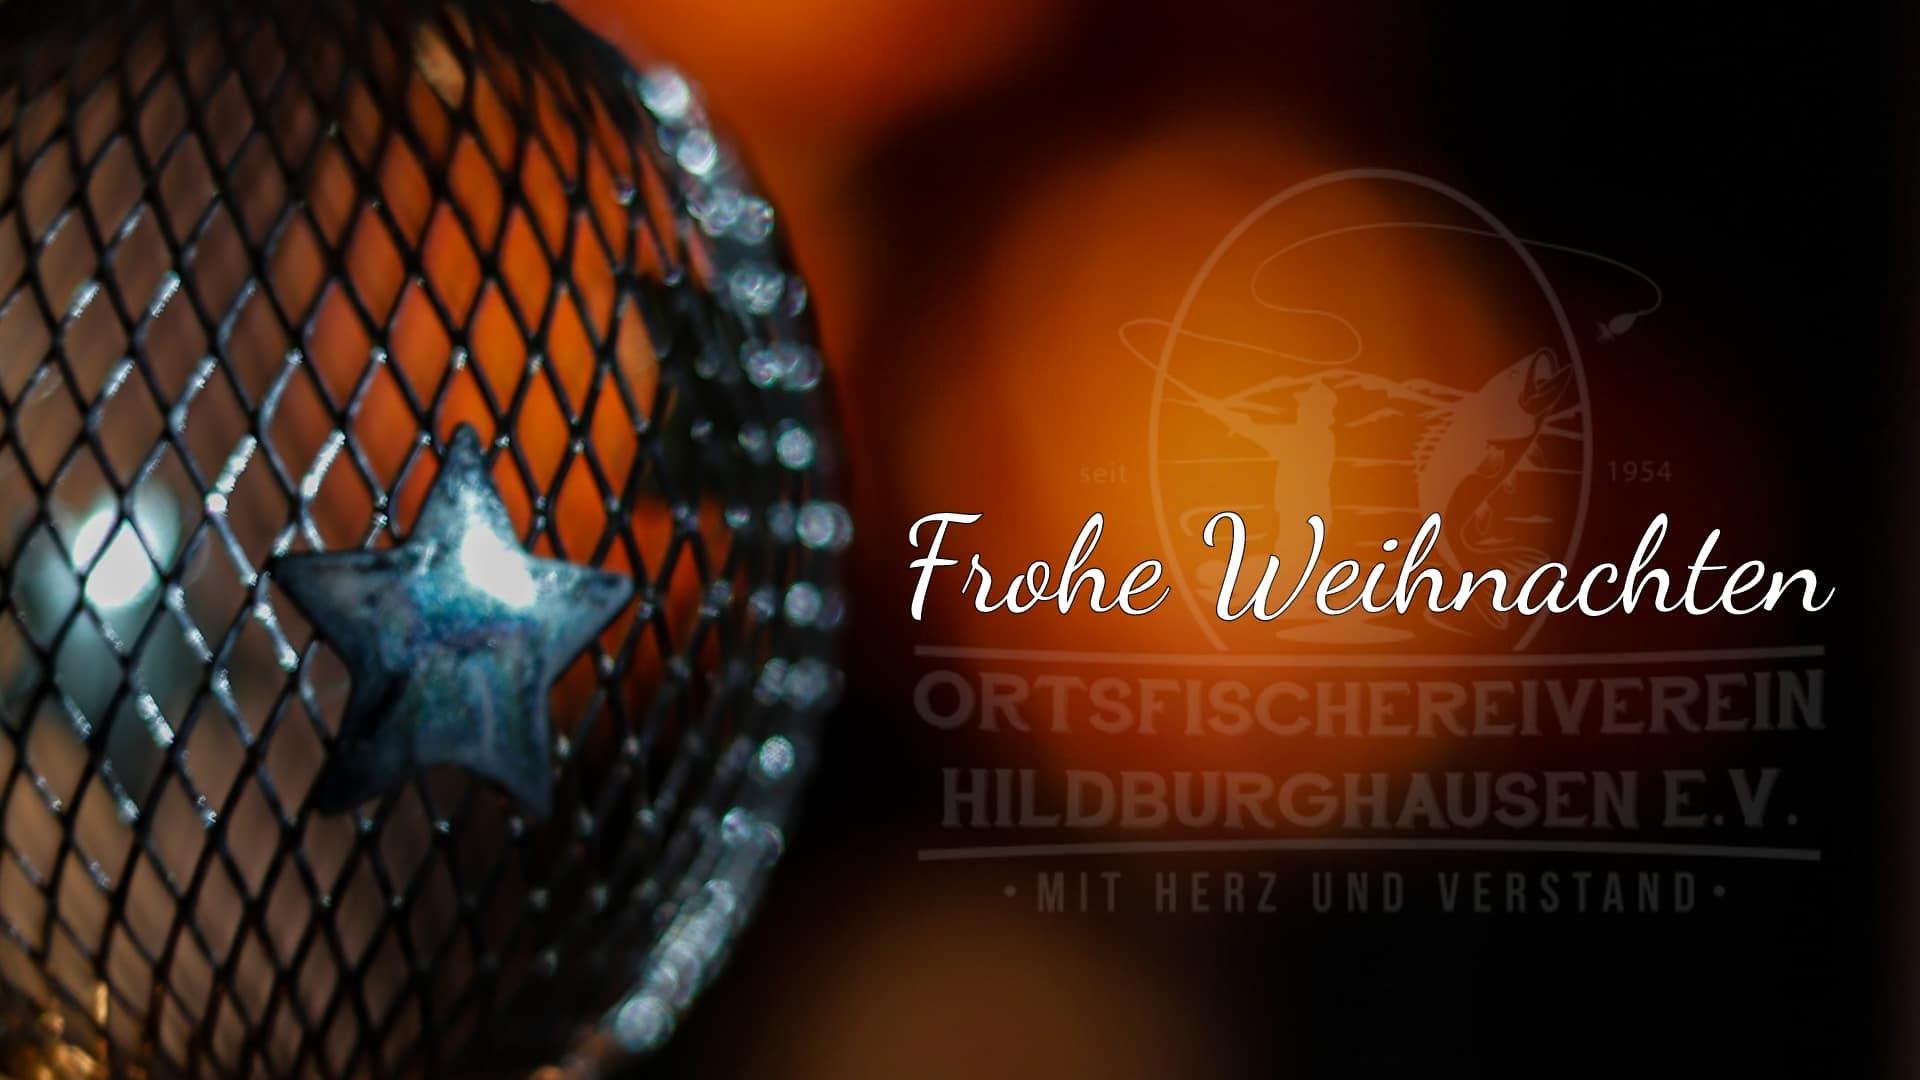 Weihnachts- und Neujahrsgrüße vom Ortsfischereiverein Hildburghausen e.V.